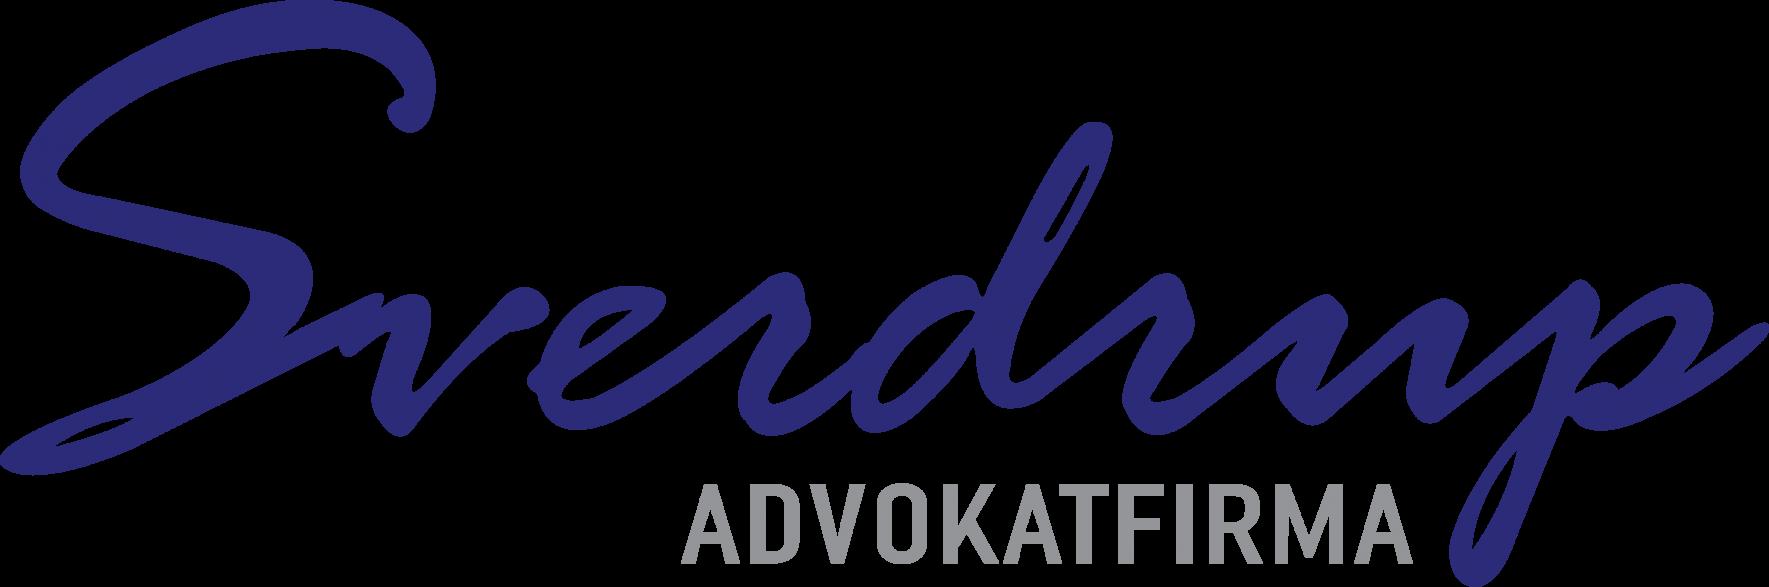 logo_sverdrup_rentegnet-e1507812099674